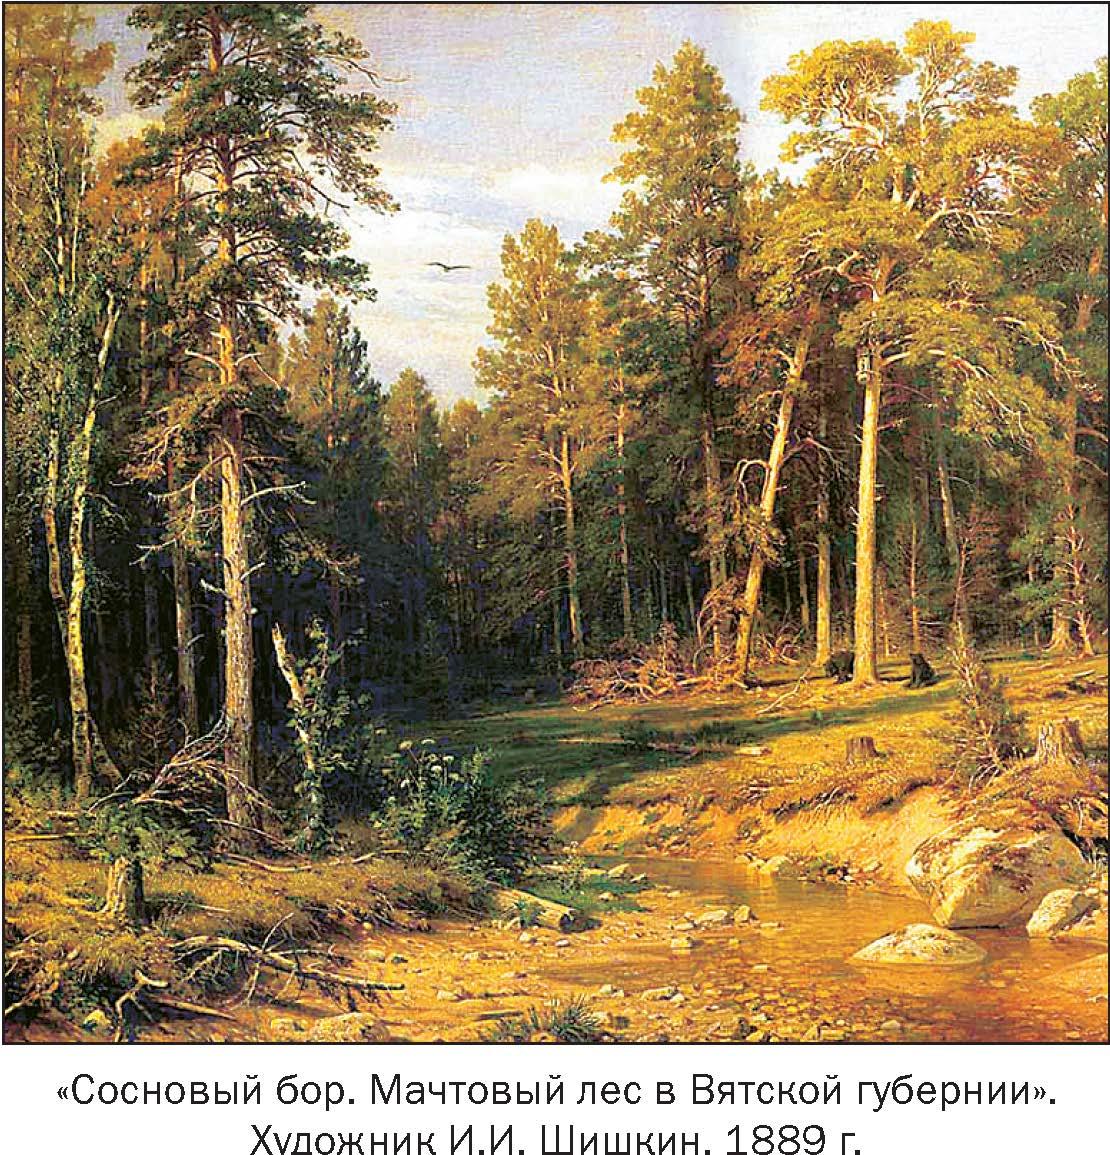 Диком художник и и шишкин 1891 г